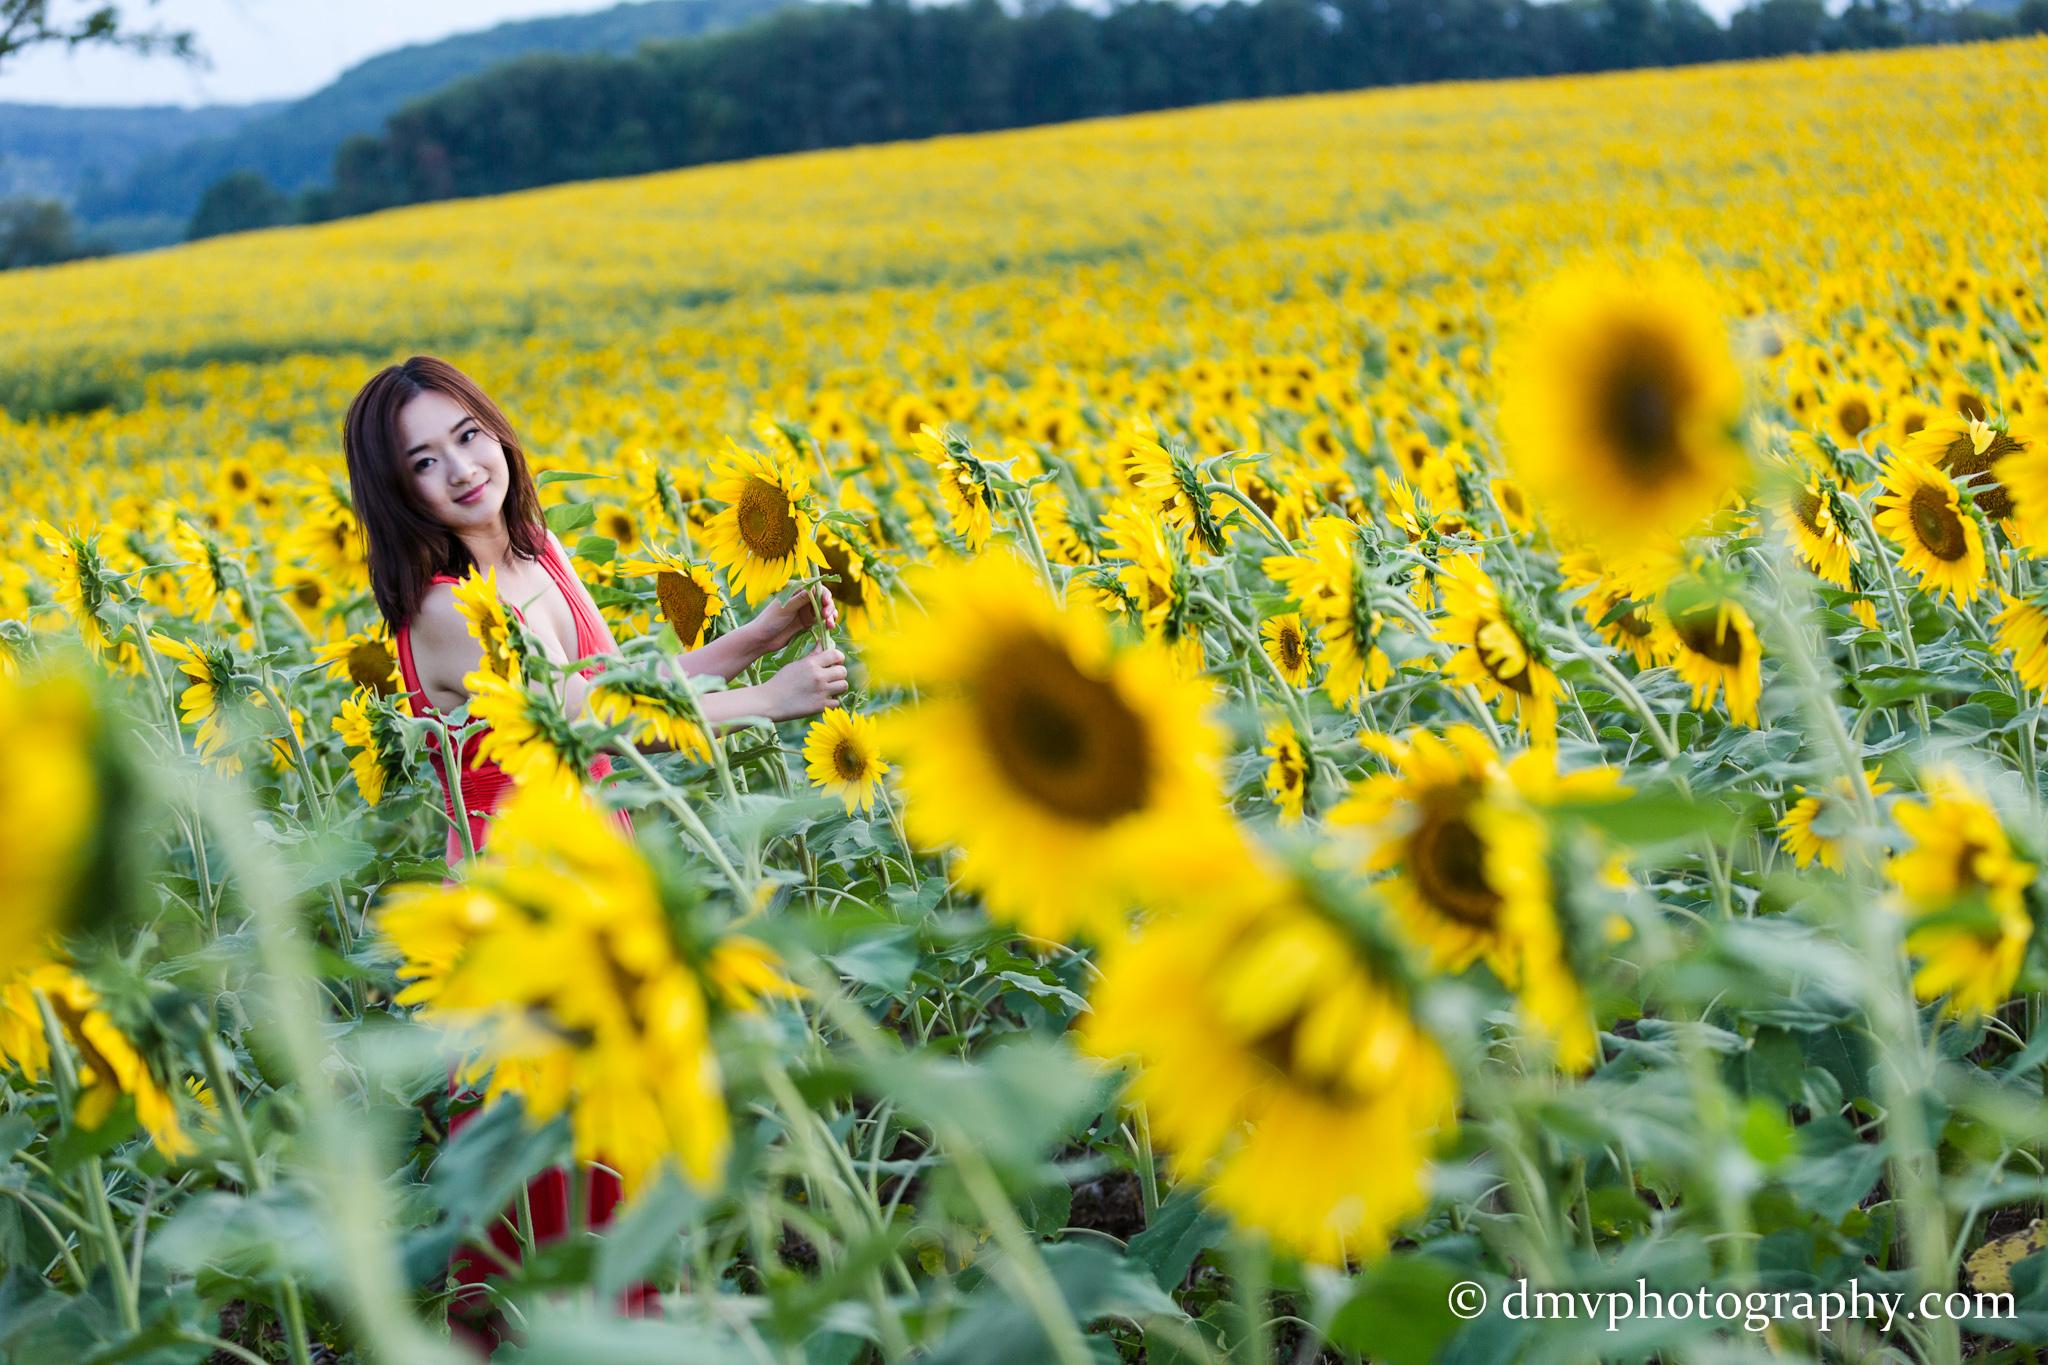 2016-09-01 - Christina He - 00003